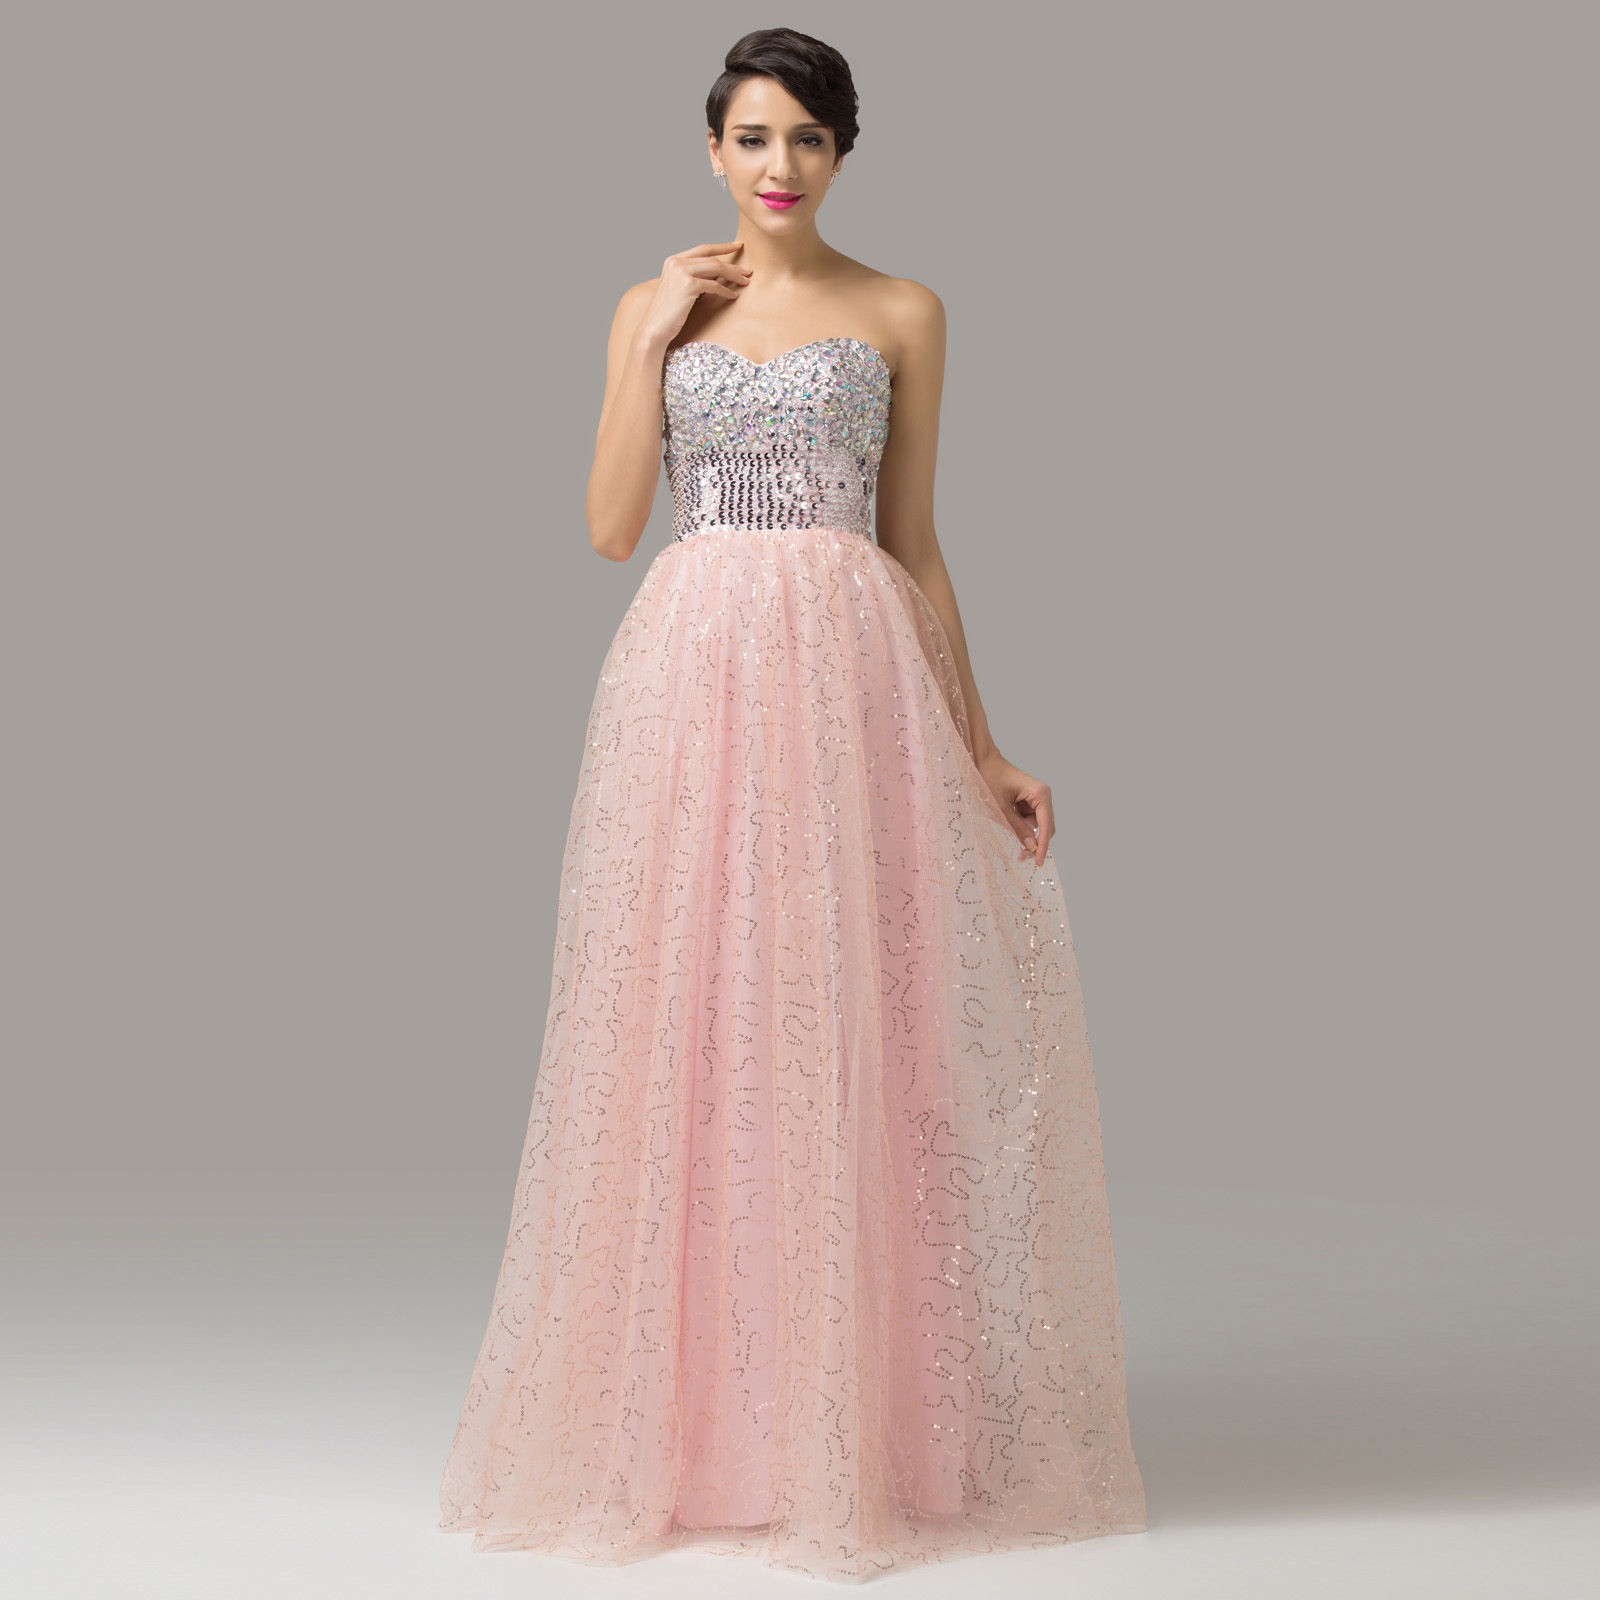 luxusní plesové růžové šaty Cher flitrované XS-S - Hollywood Style E-Shop -  plesové a svatební šaty d3265dc870